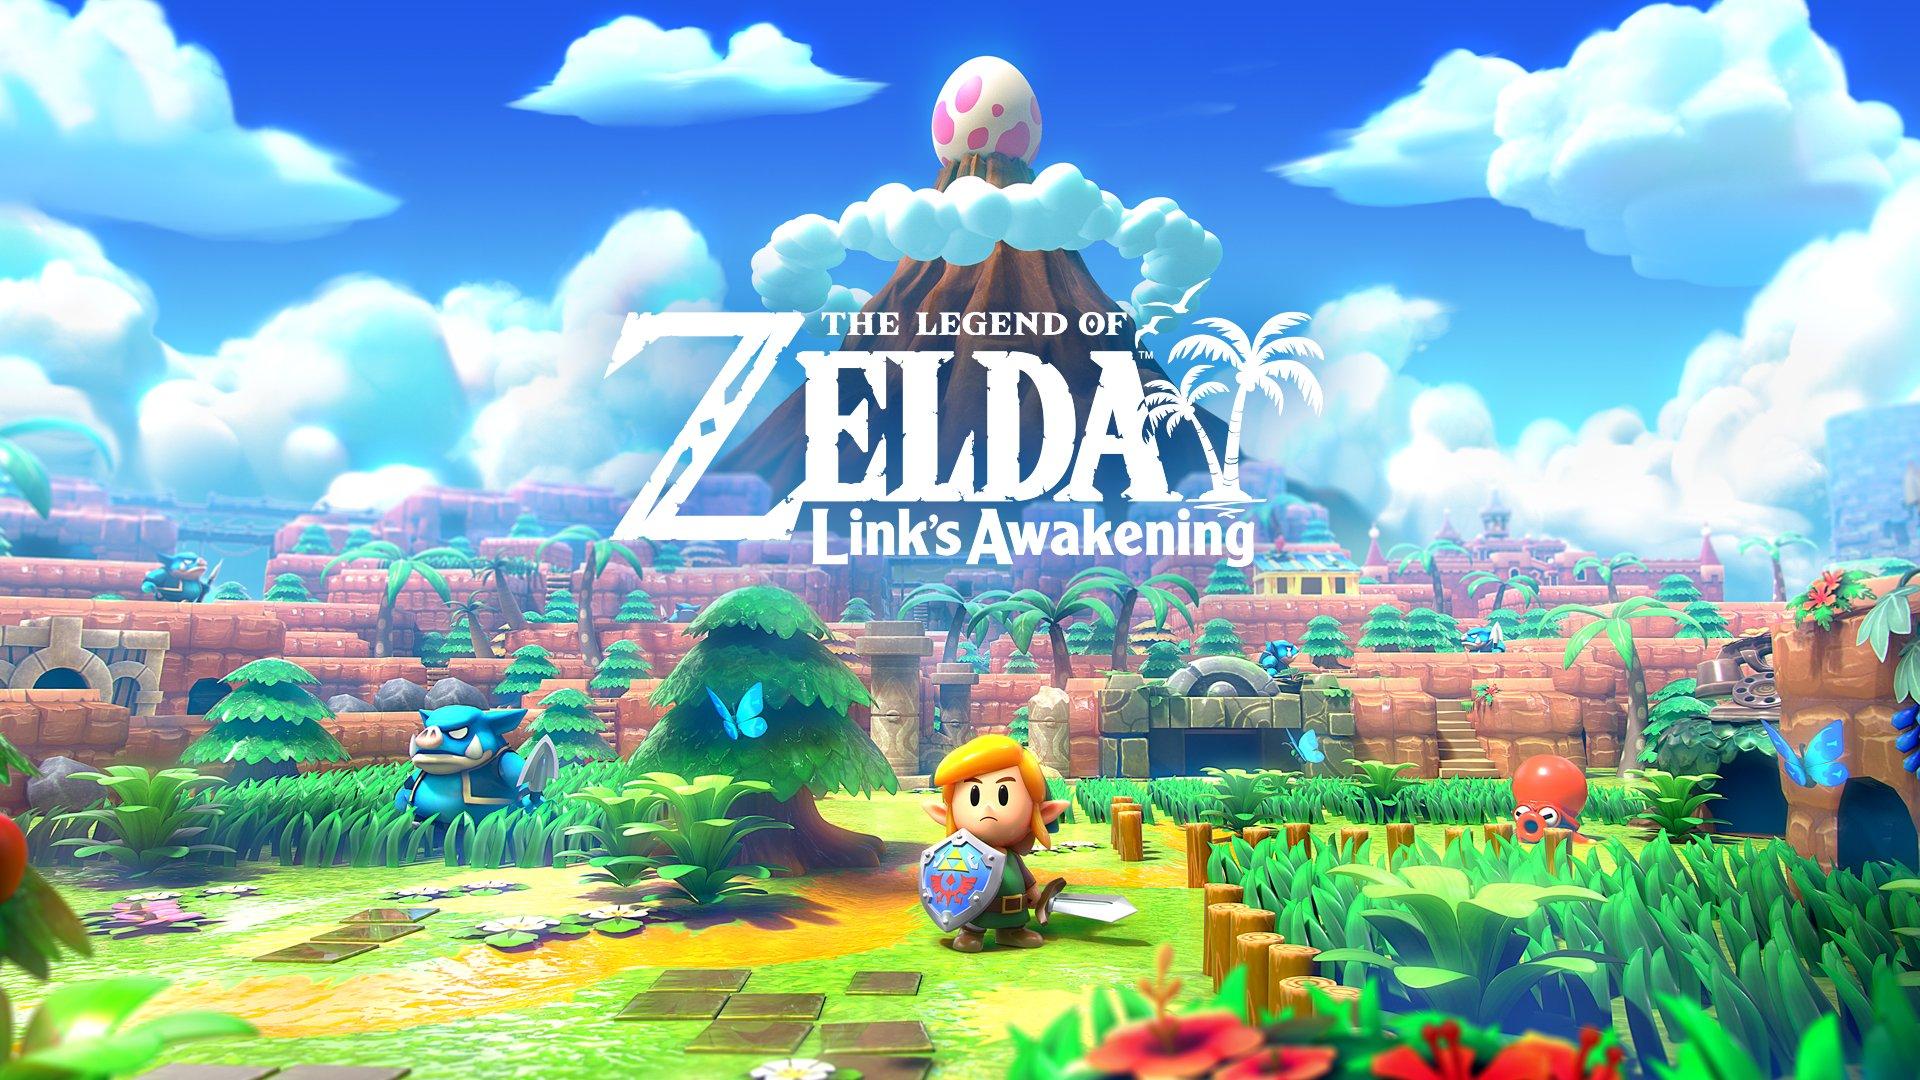 Japan Expo 2019 - Démo de The Legend of Zelda: Link's Awakening